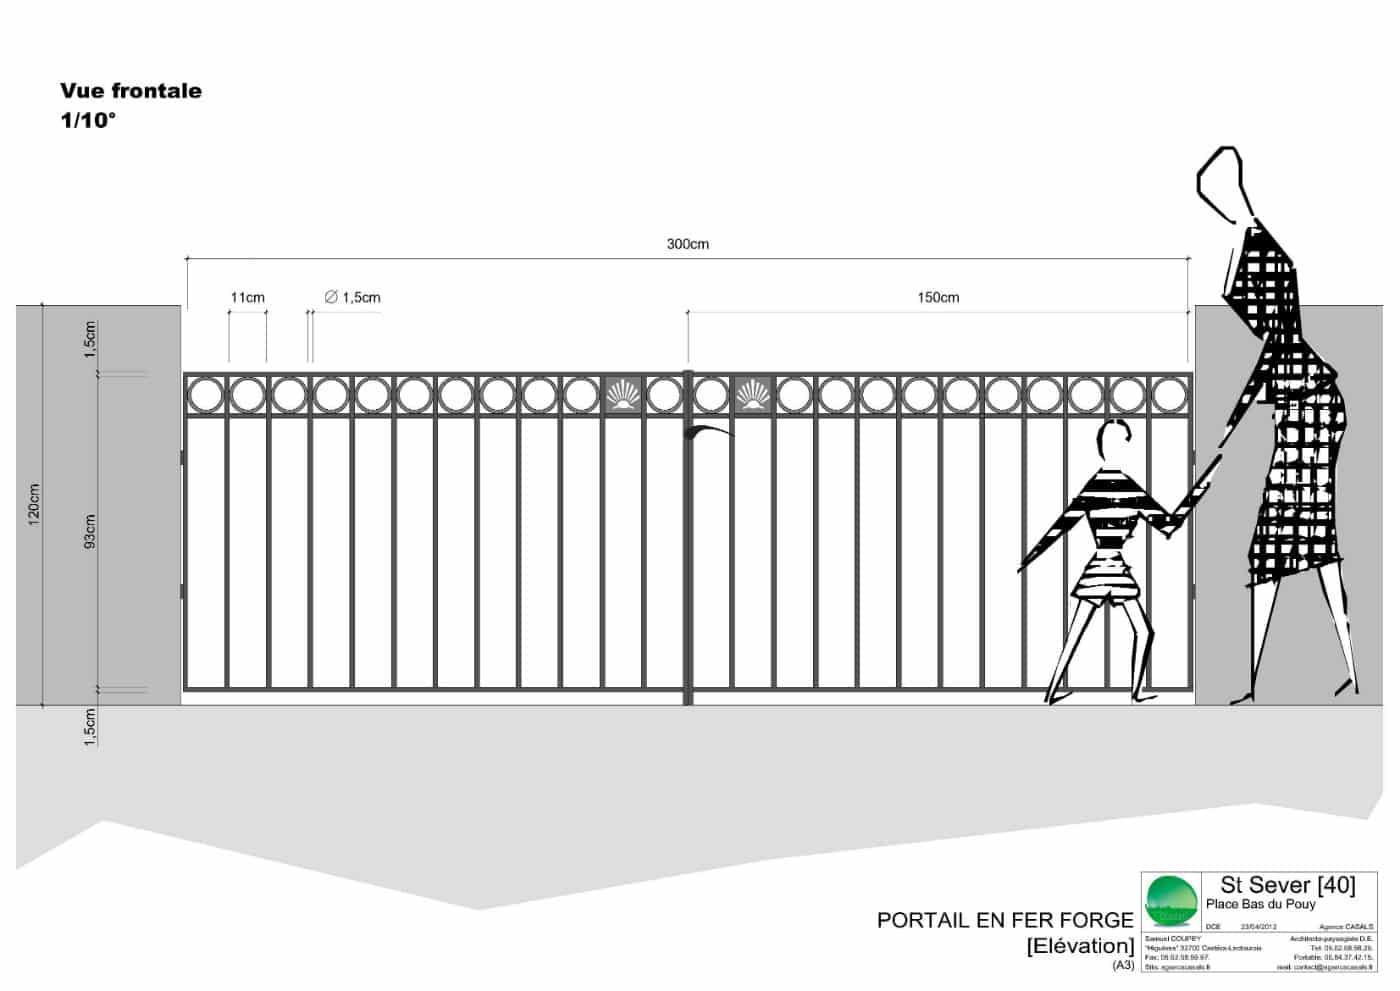 Élévation du portail en fer forgé